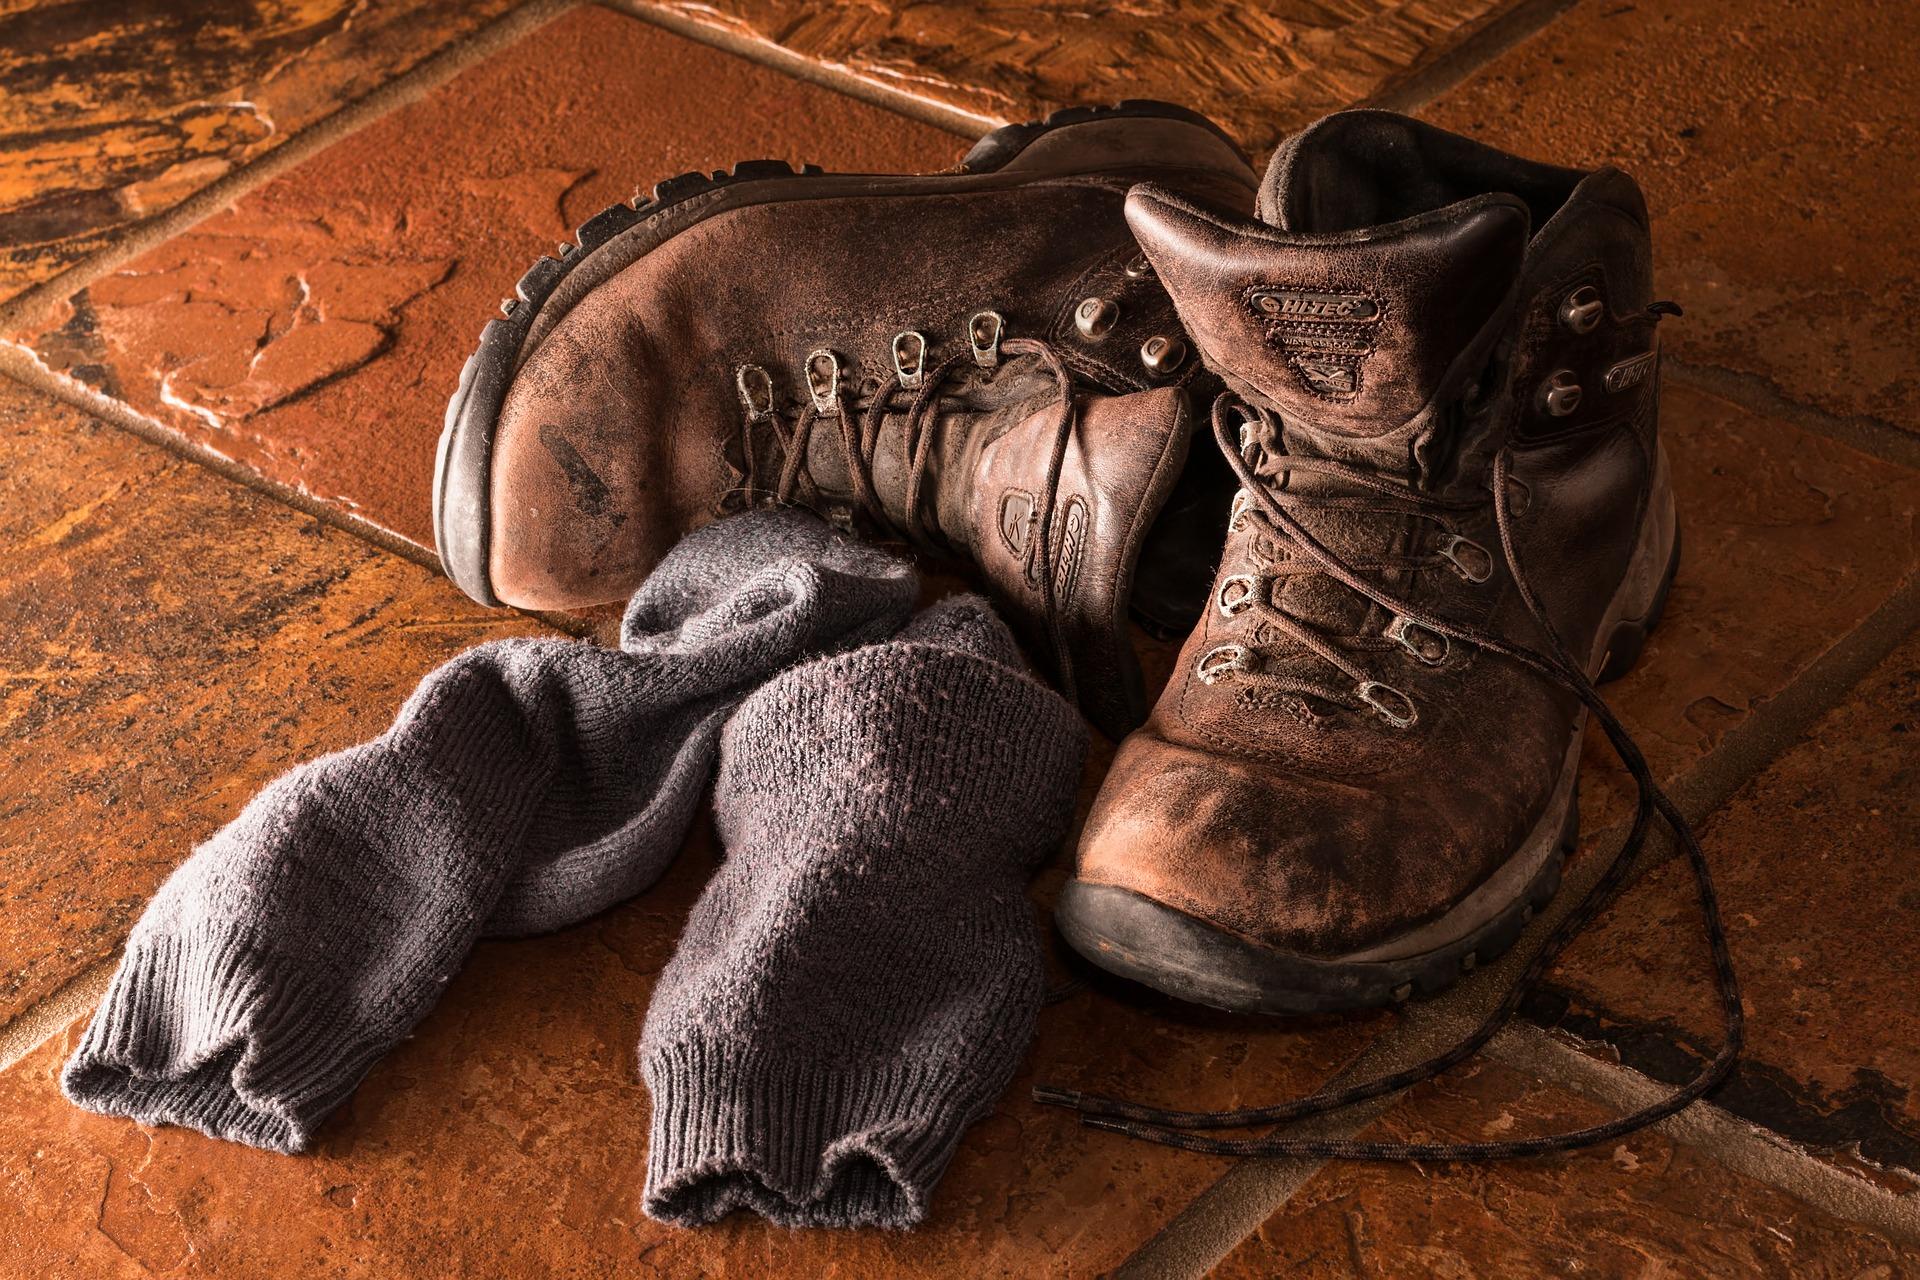 Przemysł obuwniczy w Polsce gromadzi głównie małe i średnie przedsiębiorstwa, które w ostatnich latach dokonały znacznego postępu technologicznego. (fot. Pixabay.com)